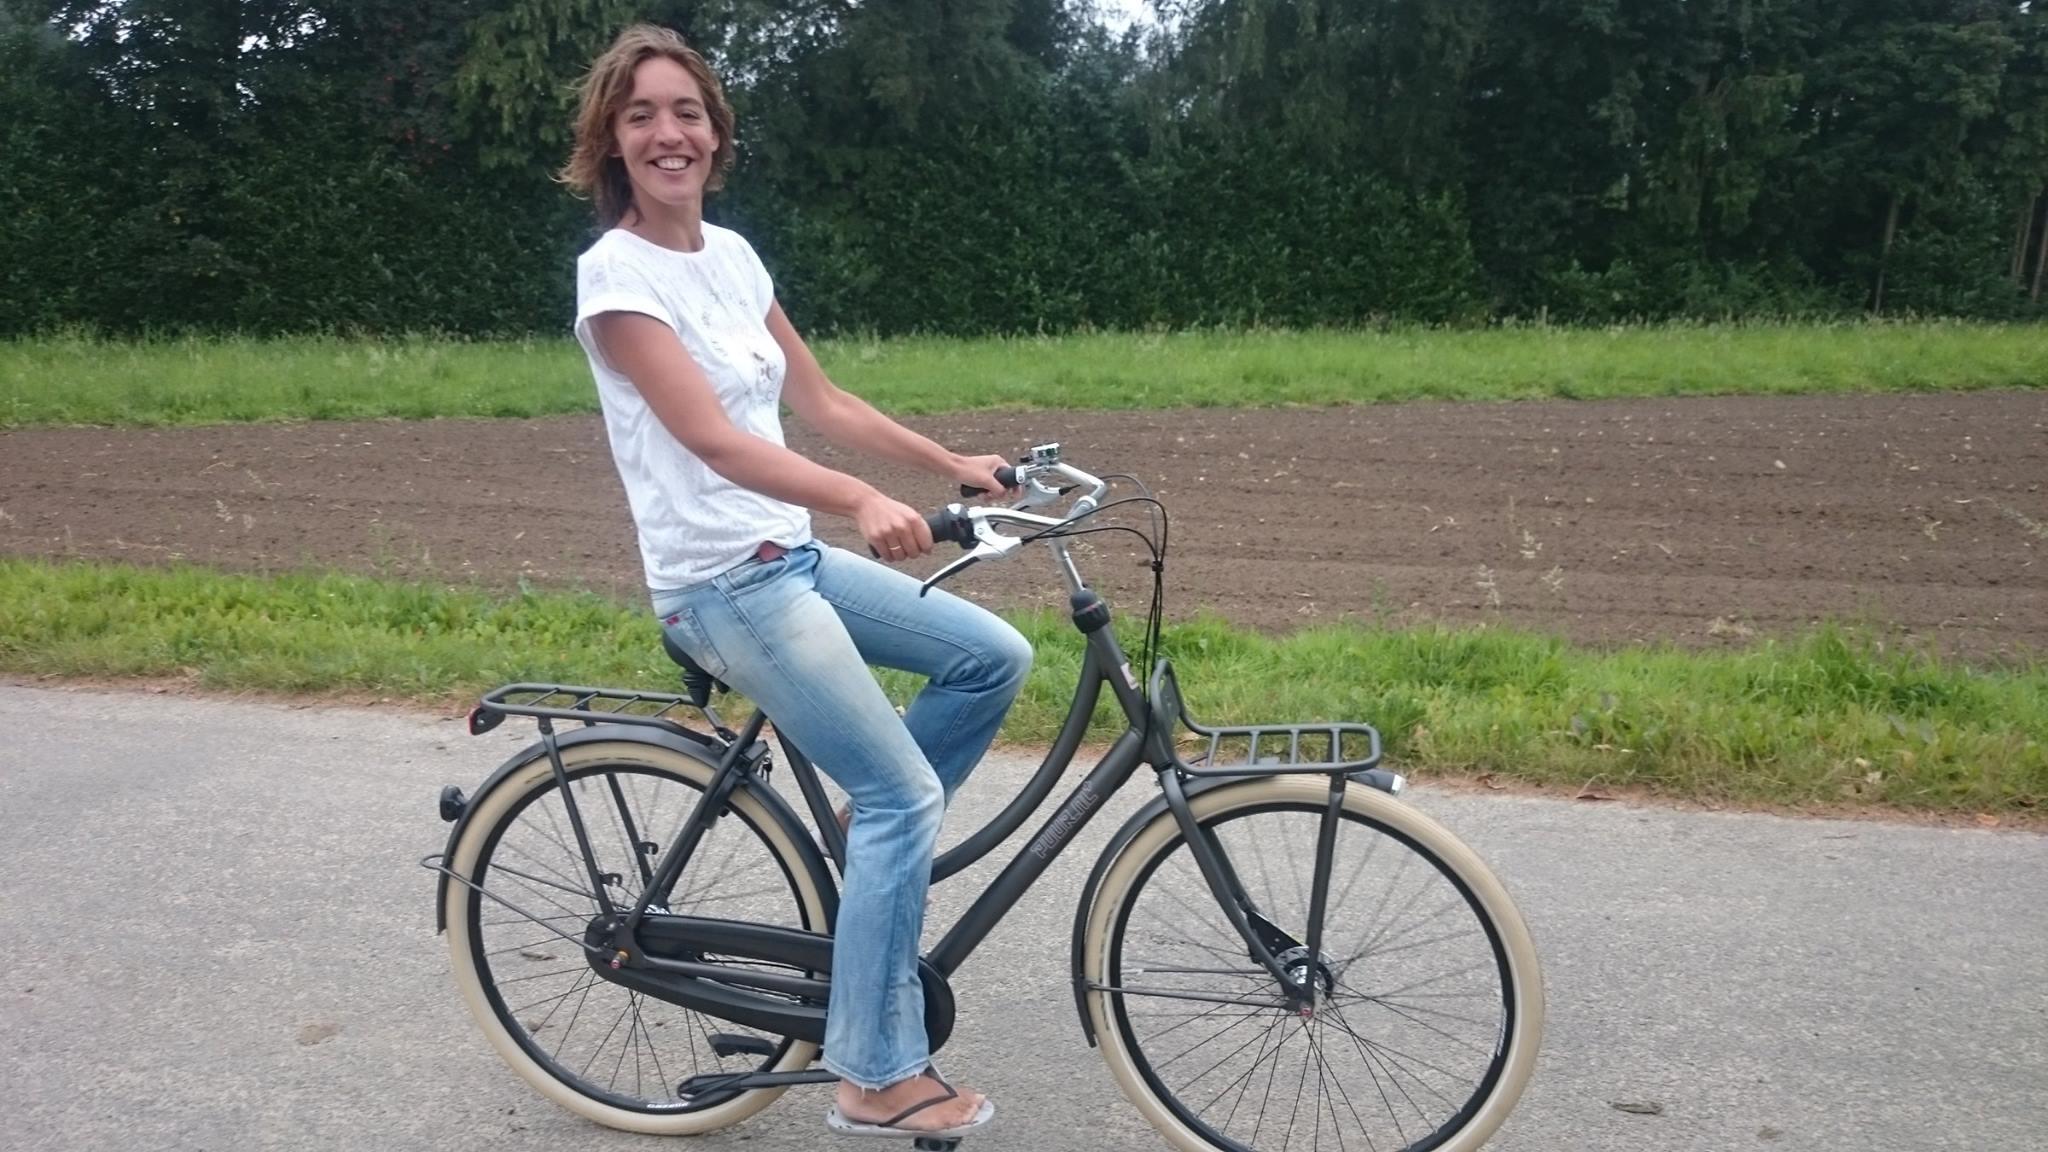 Tegenslag verwerken als ondernemer - Vrolijk op de fiets